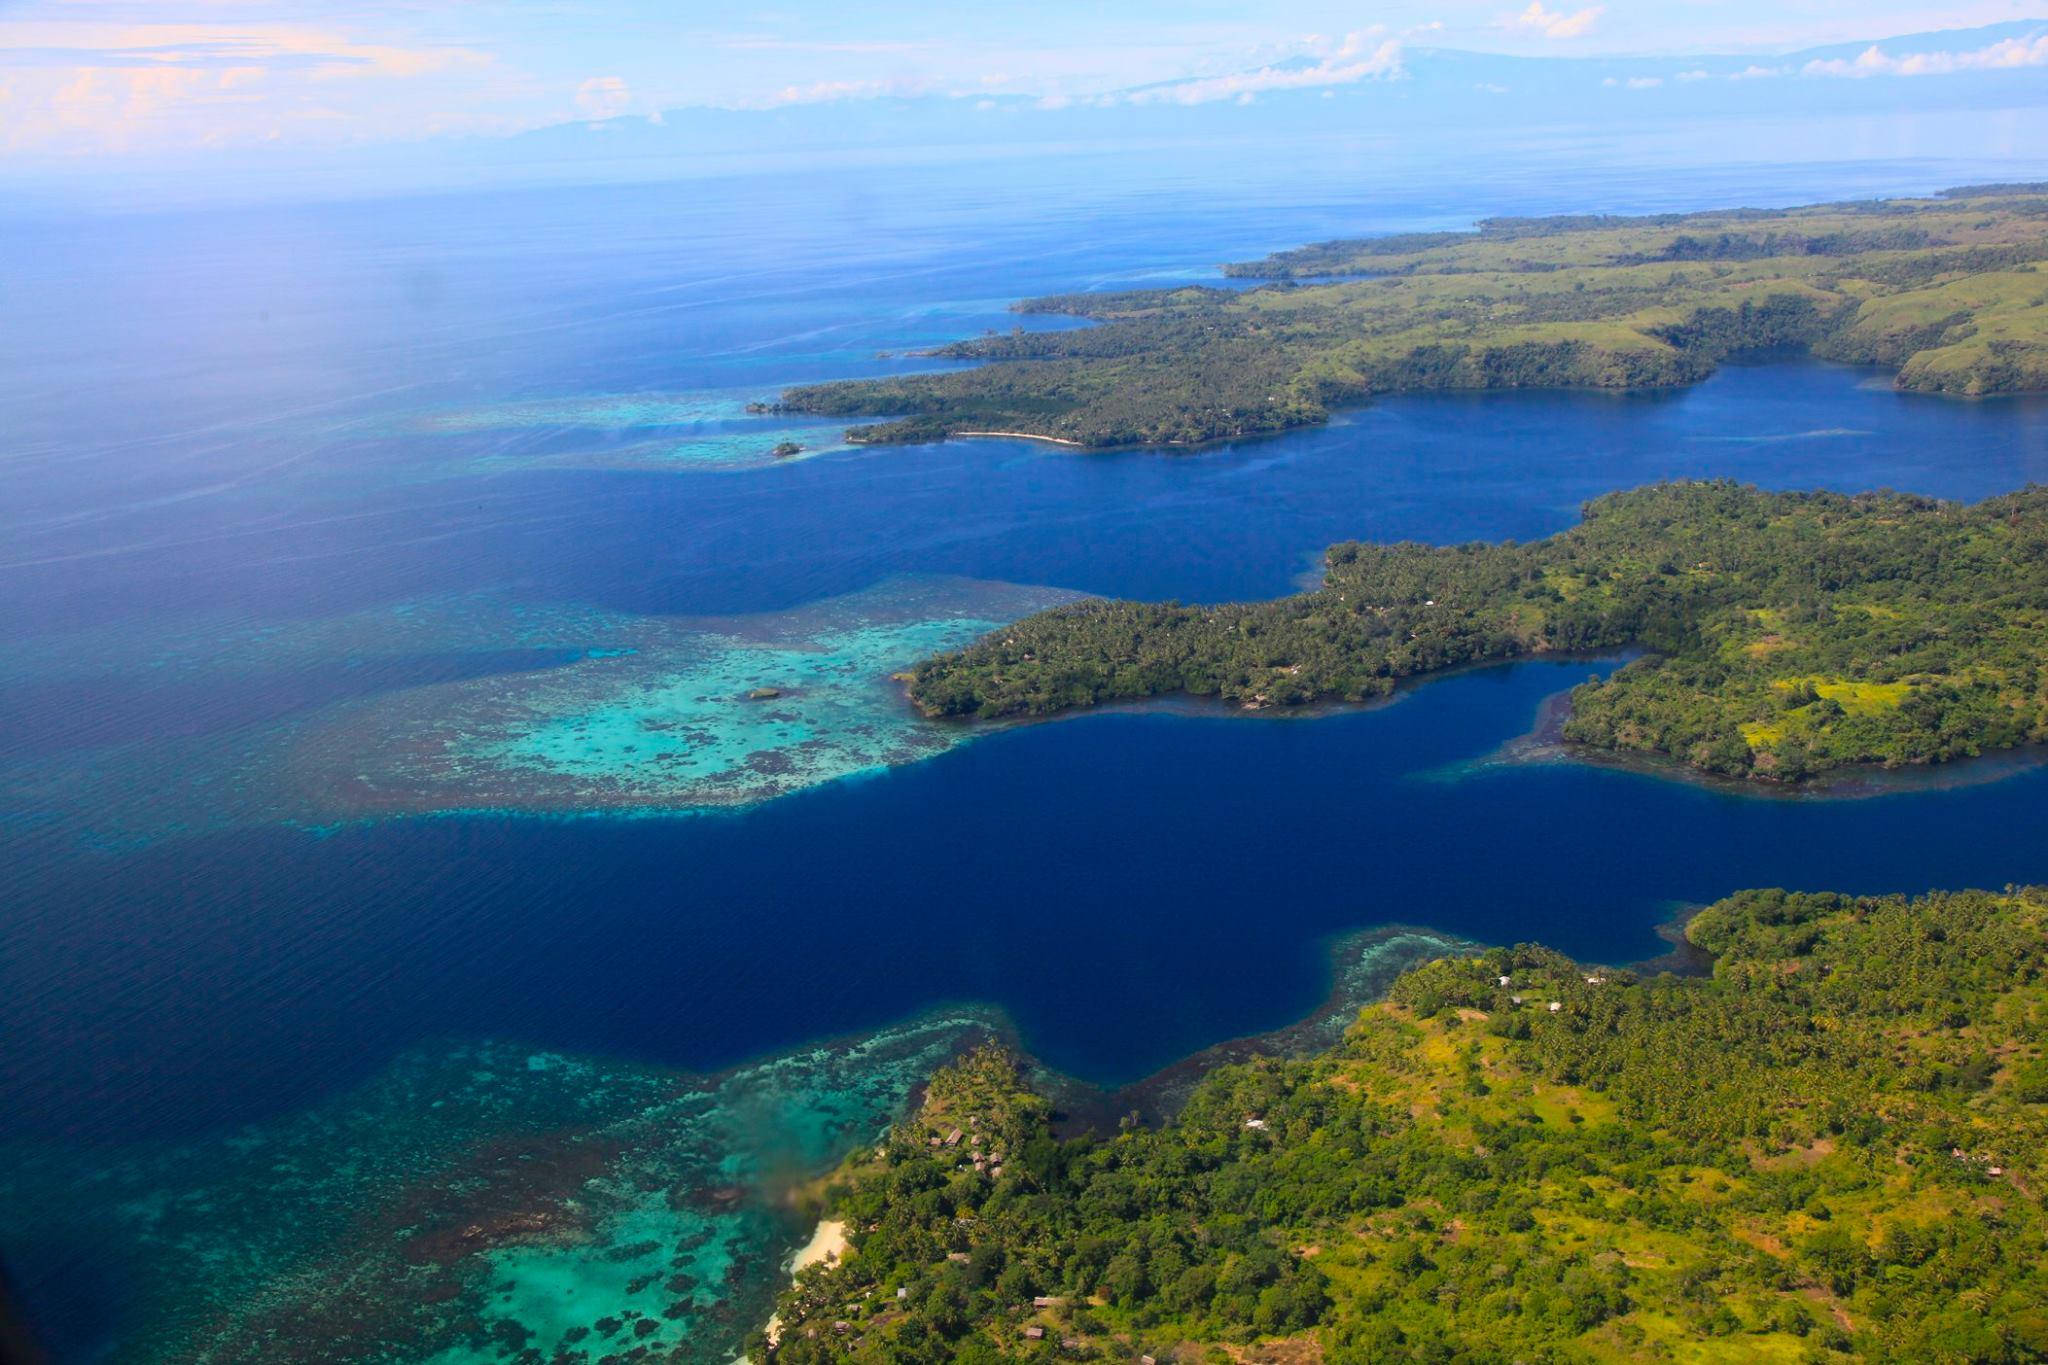 Tufi, Papua New Guinea.